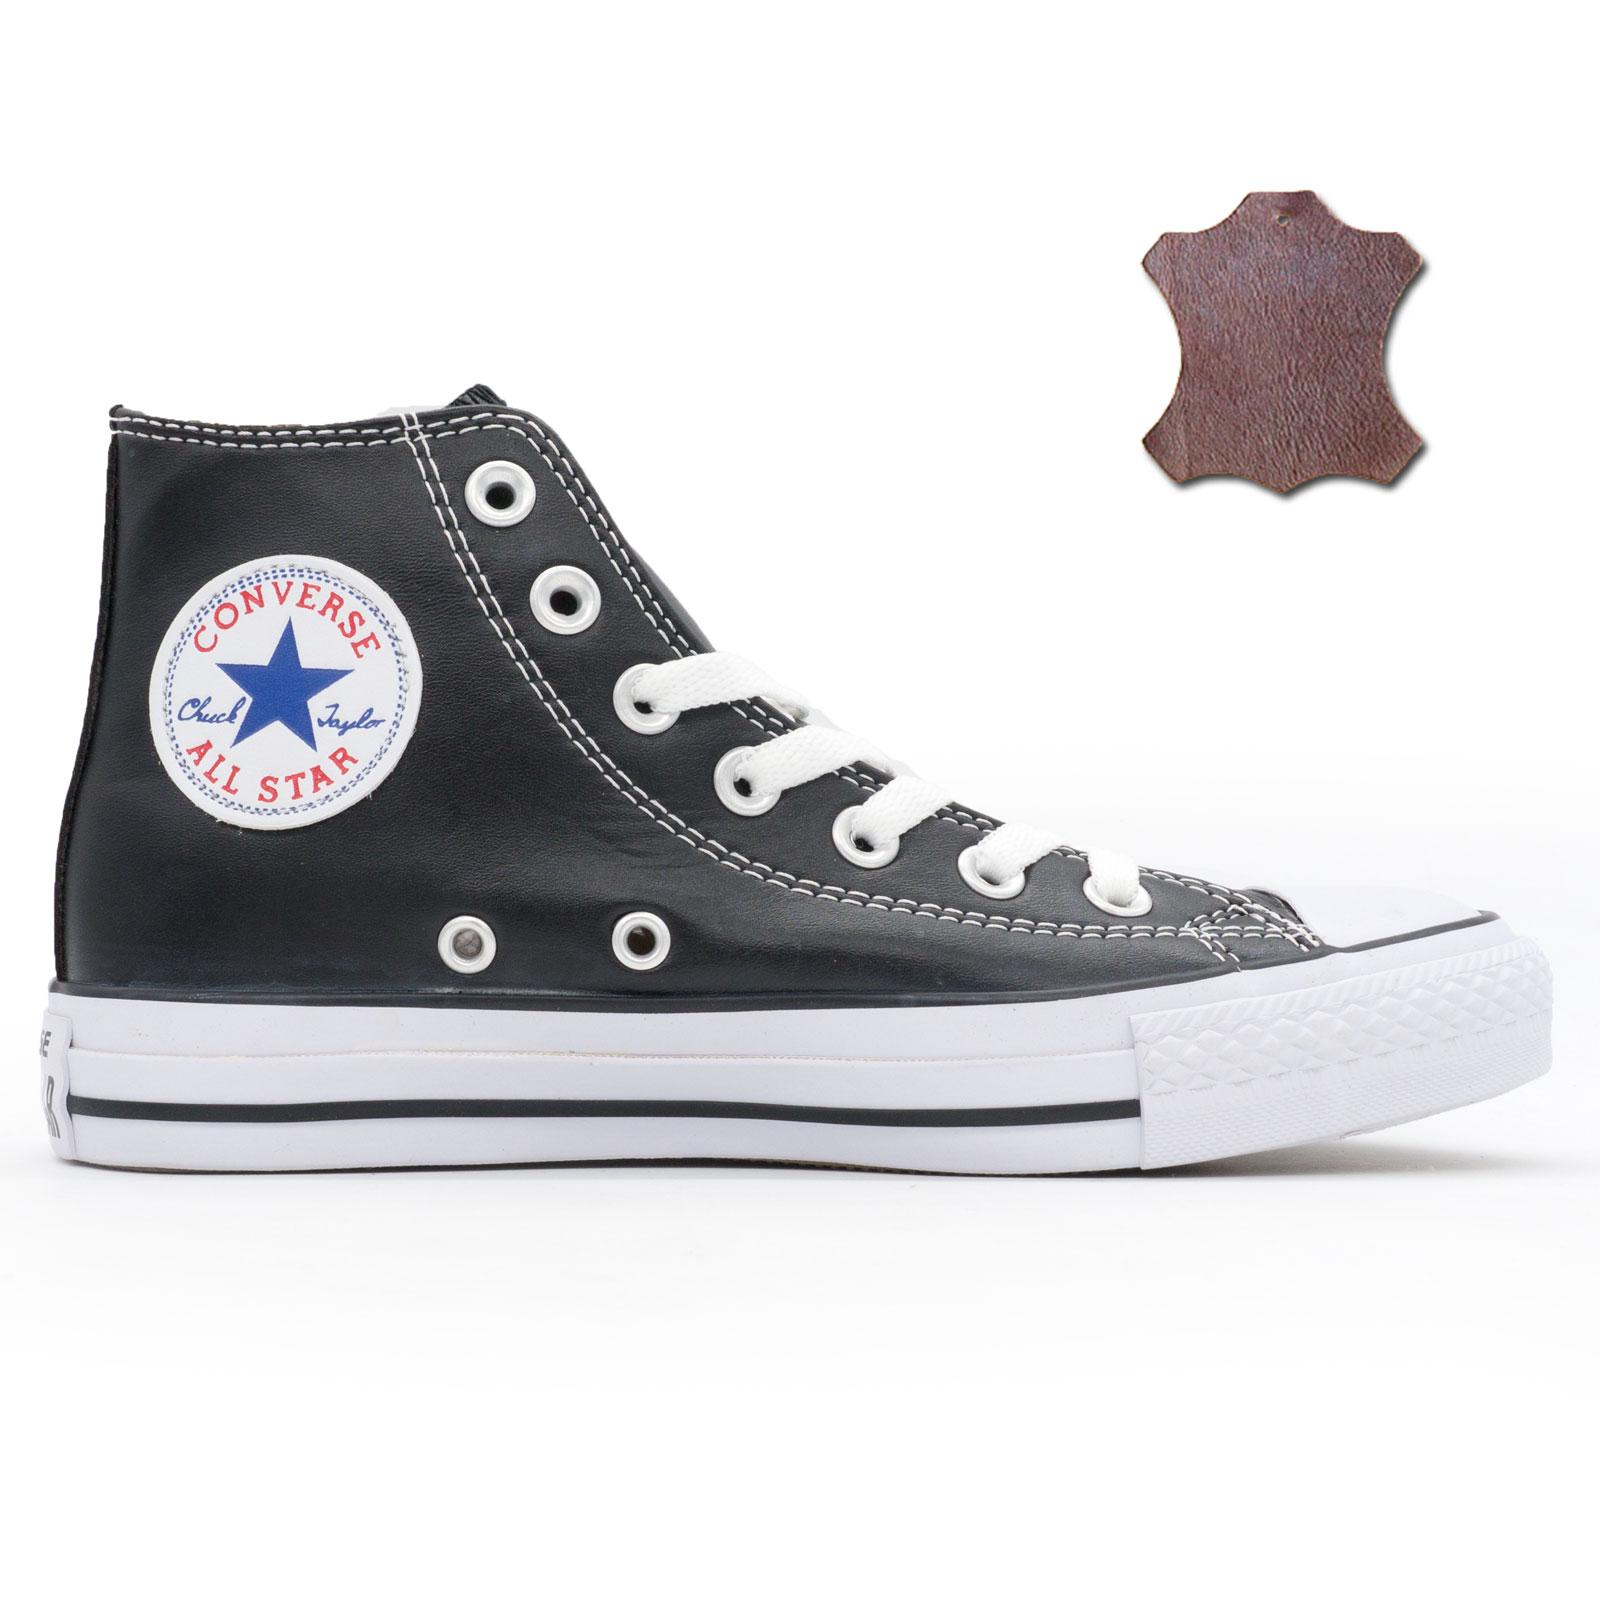 aa73c716 Высокие кожаные черные кеды converse, купить кеды converse в ...